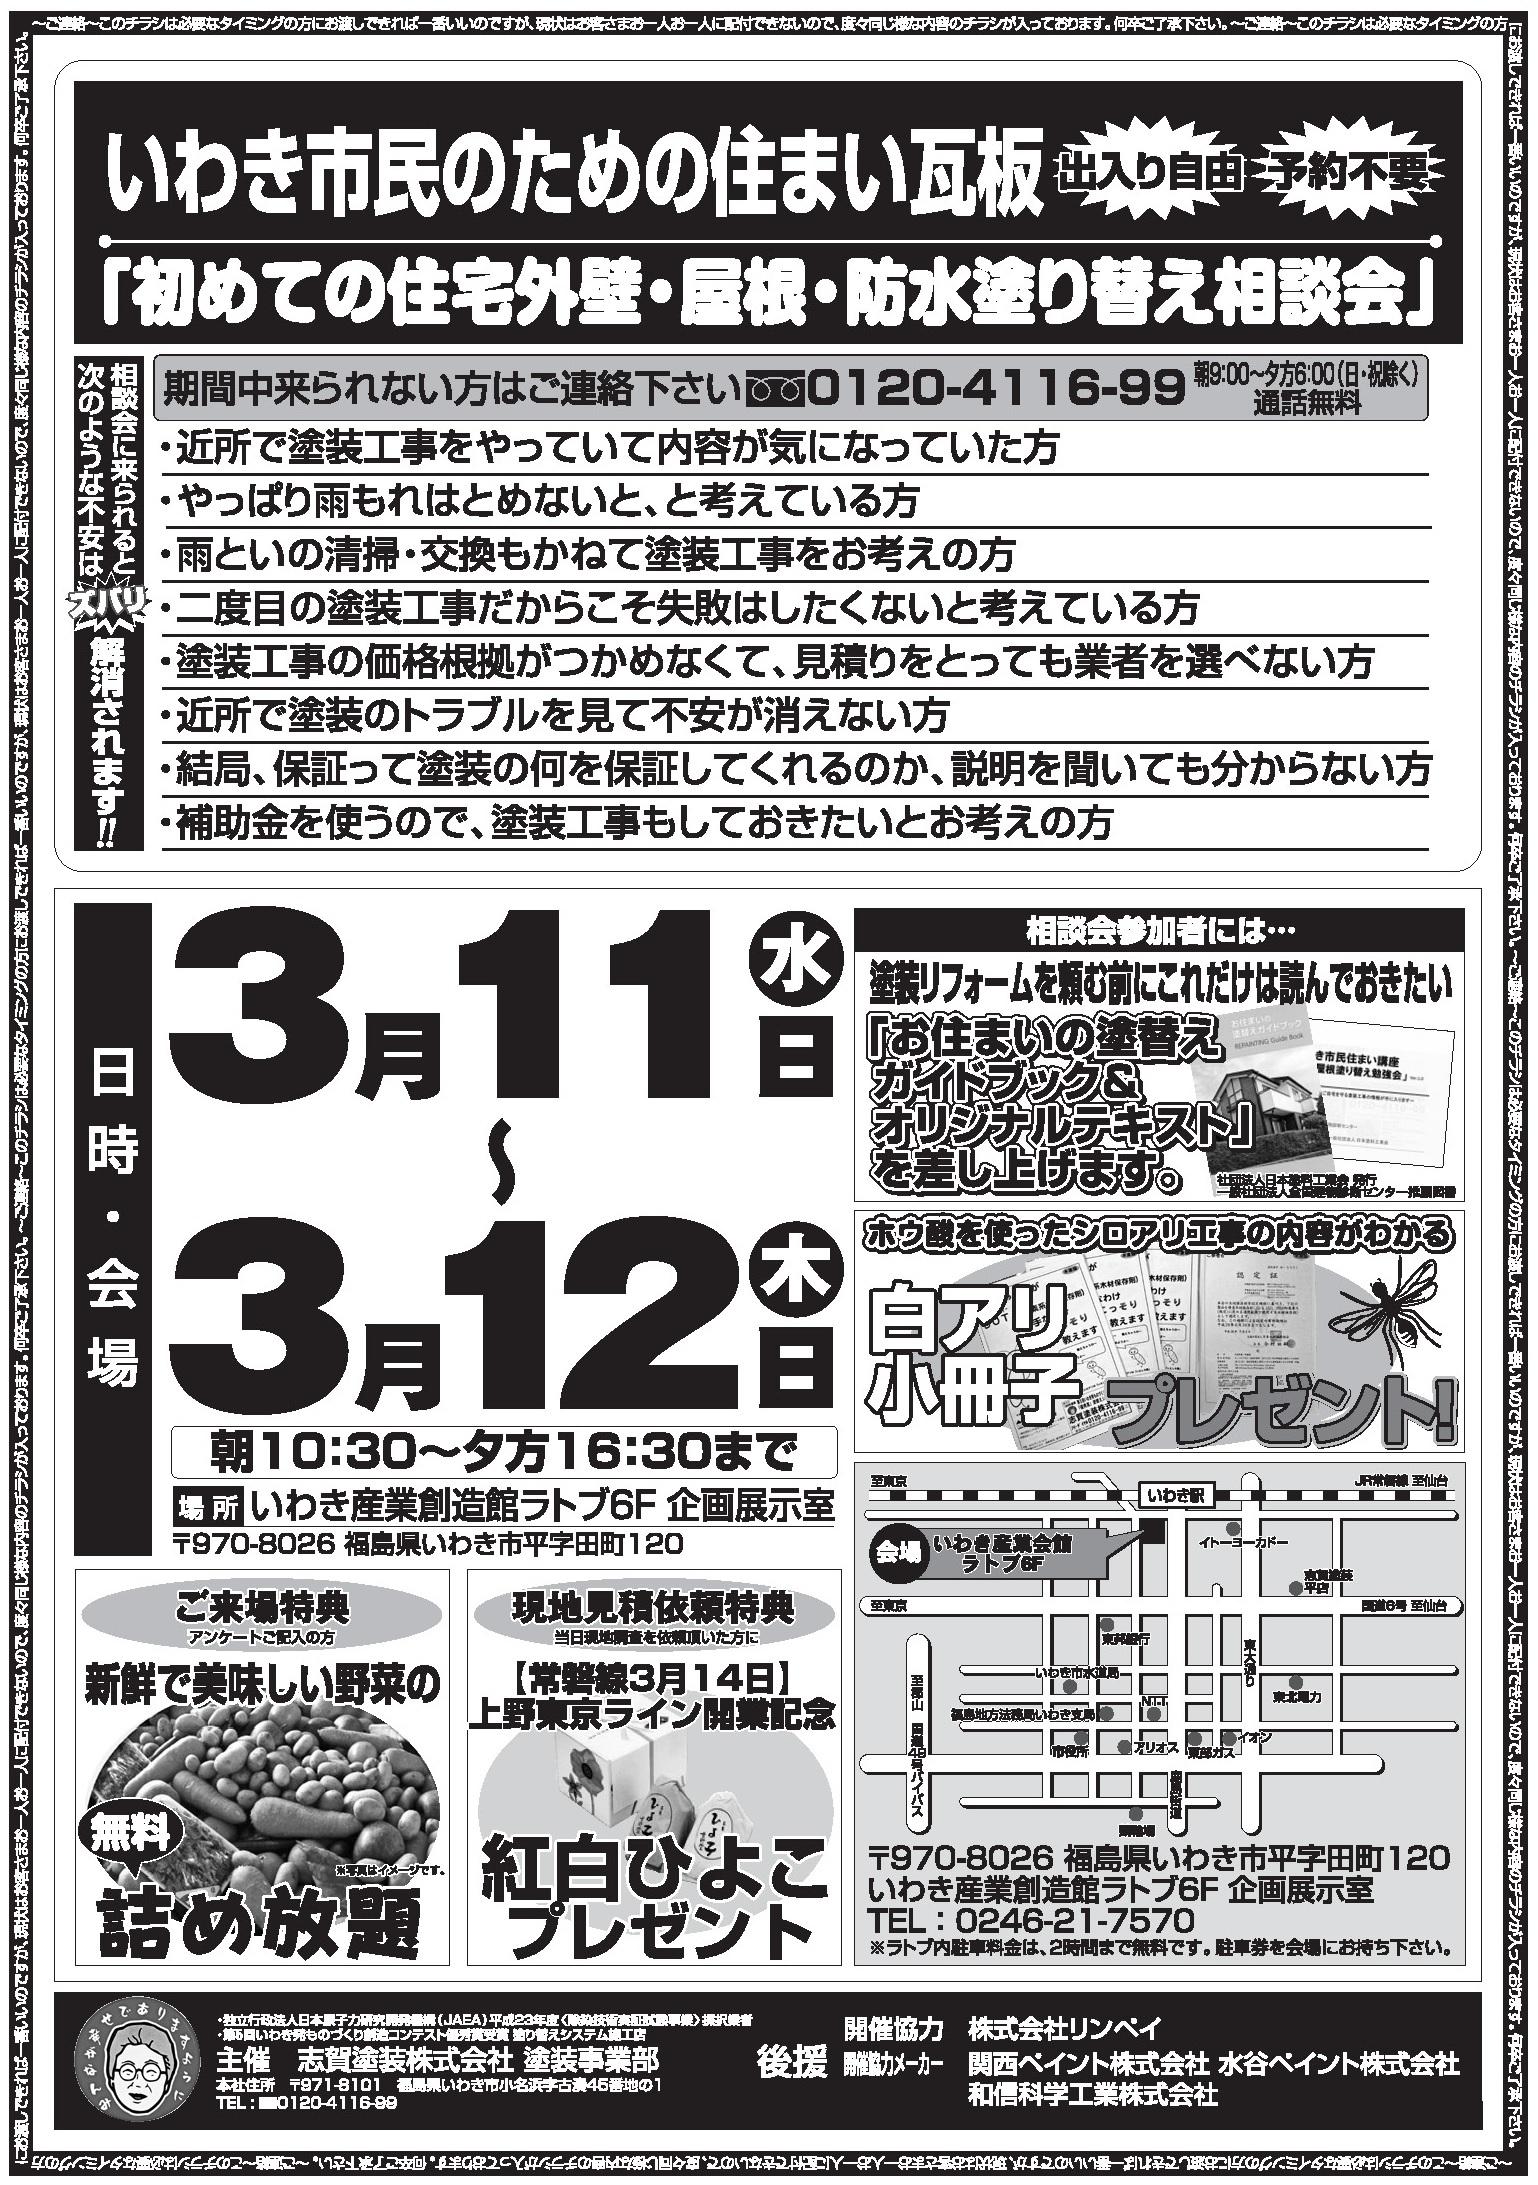 志賀塗装20150311裏-2